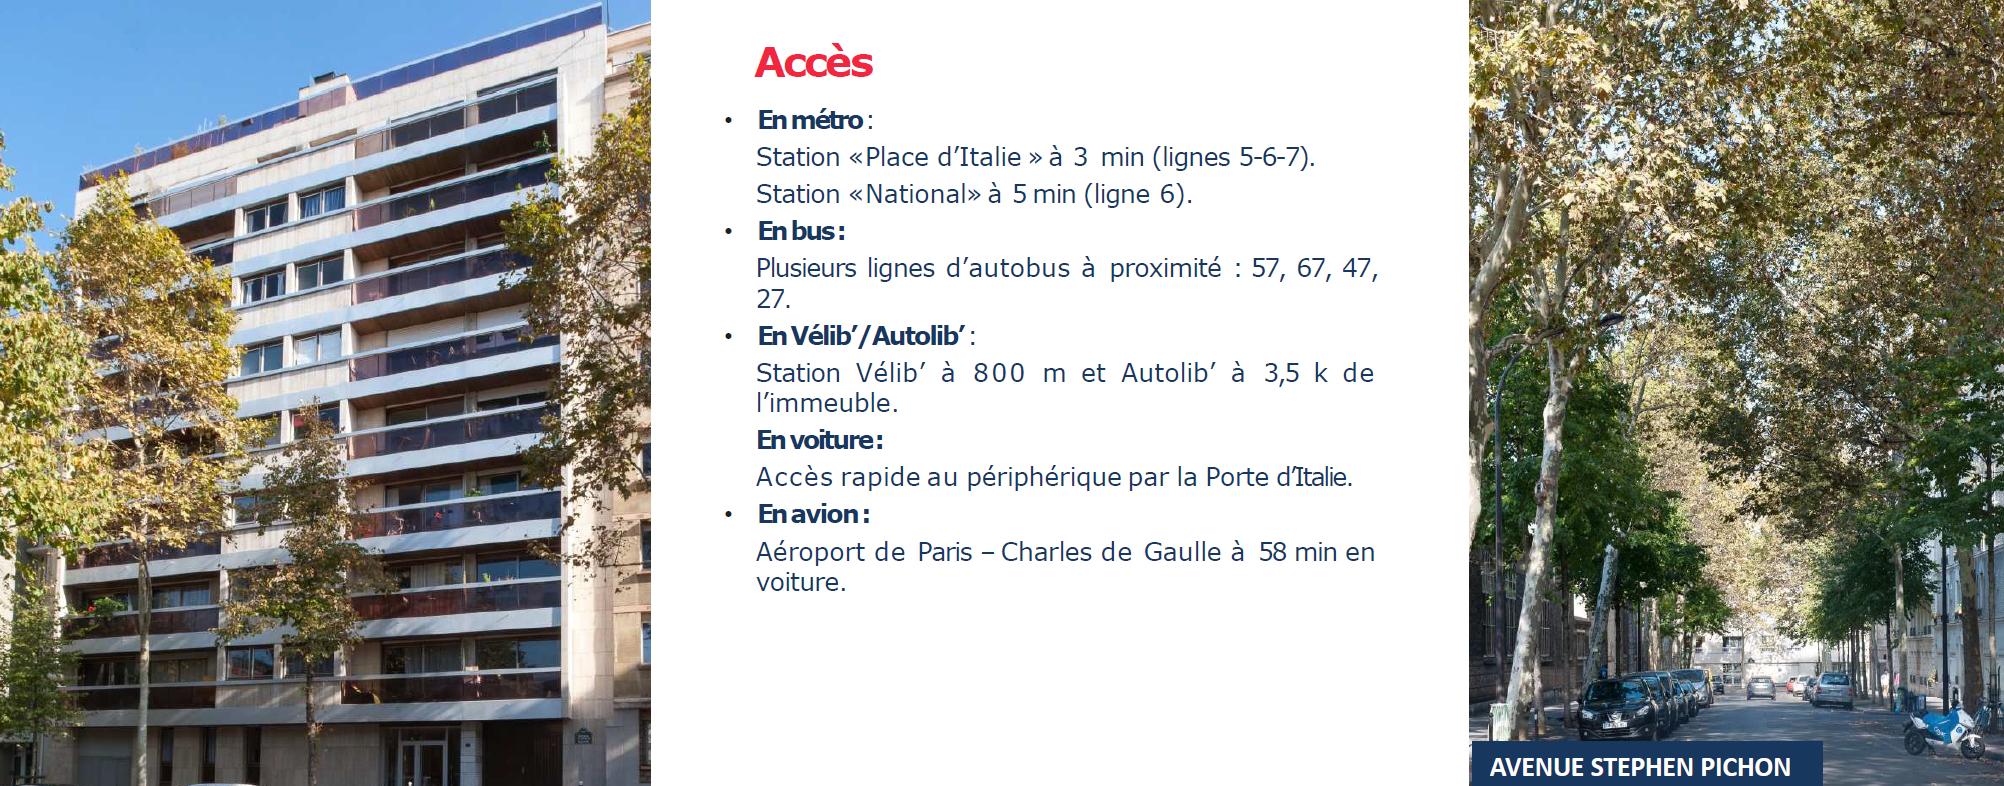 Paris 13e investissement Av Pichon, Acces